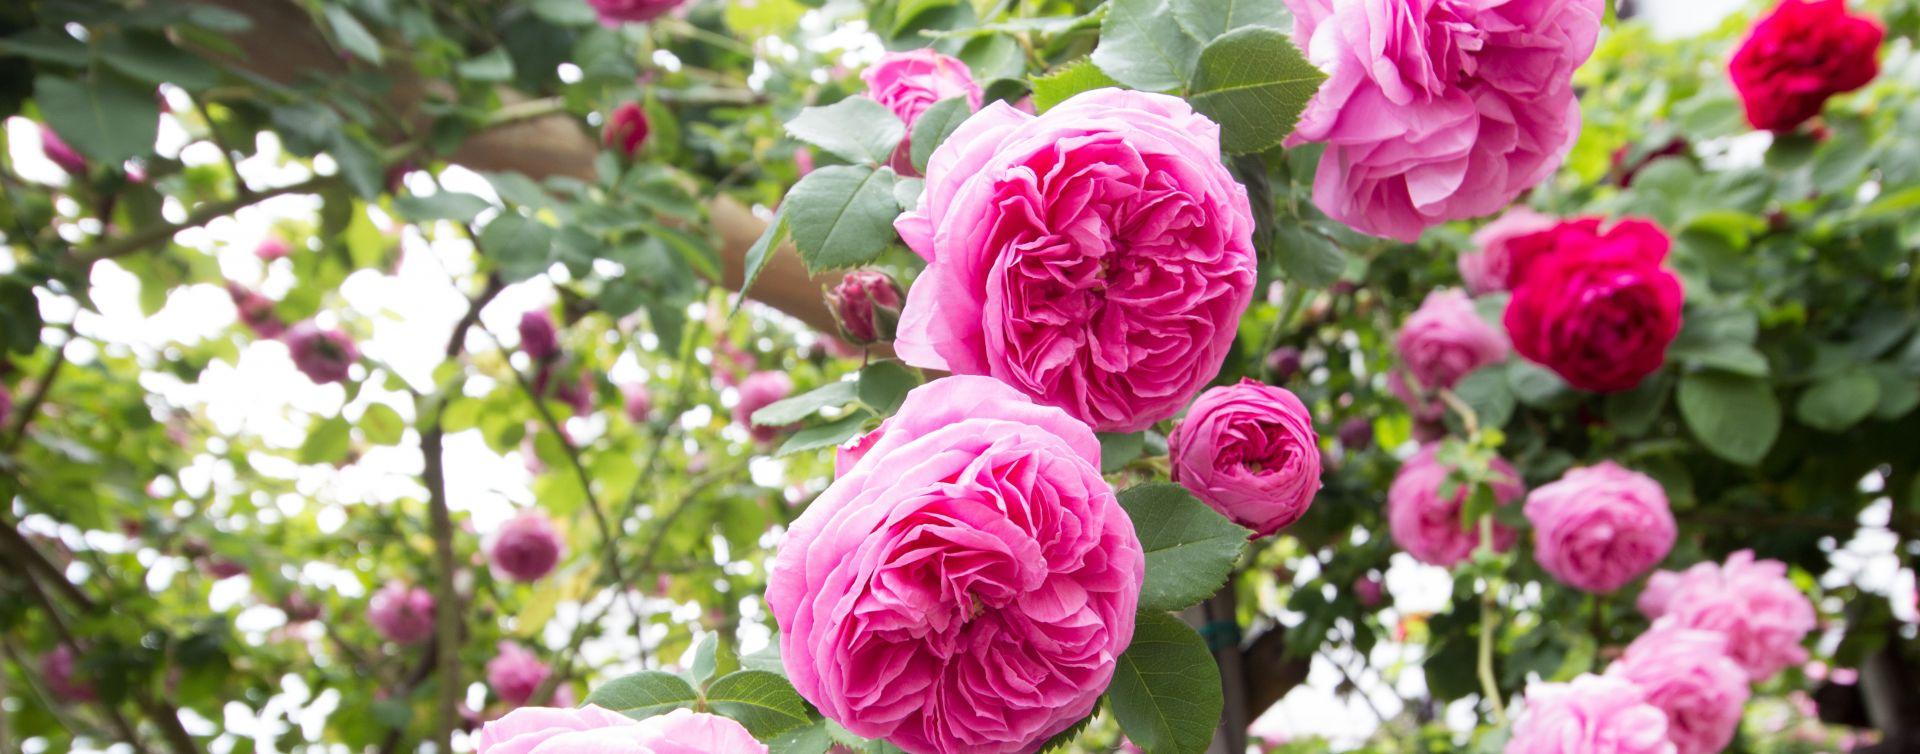 festival of roses slovenia